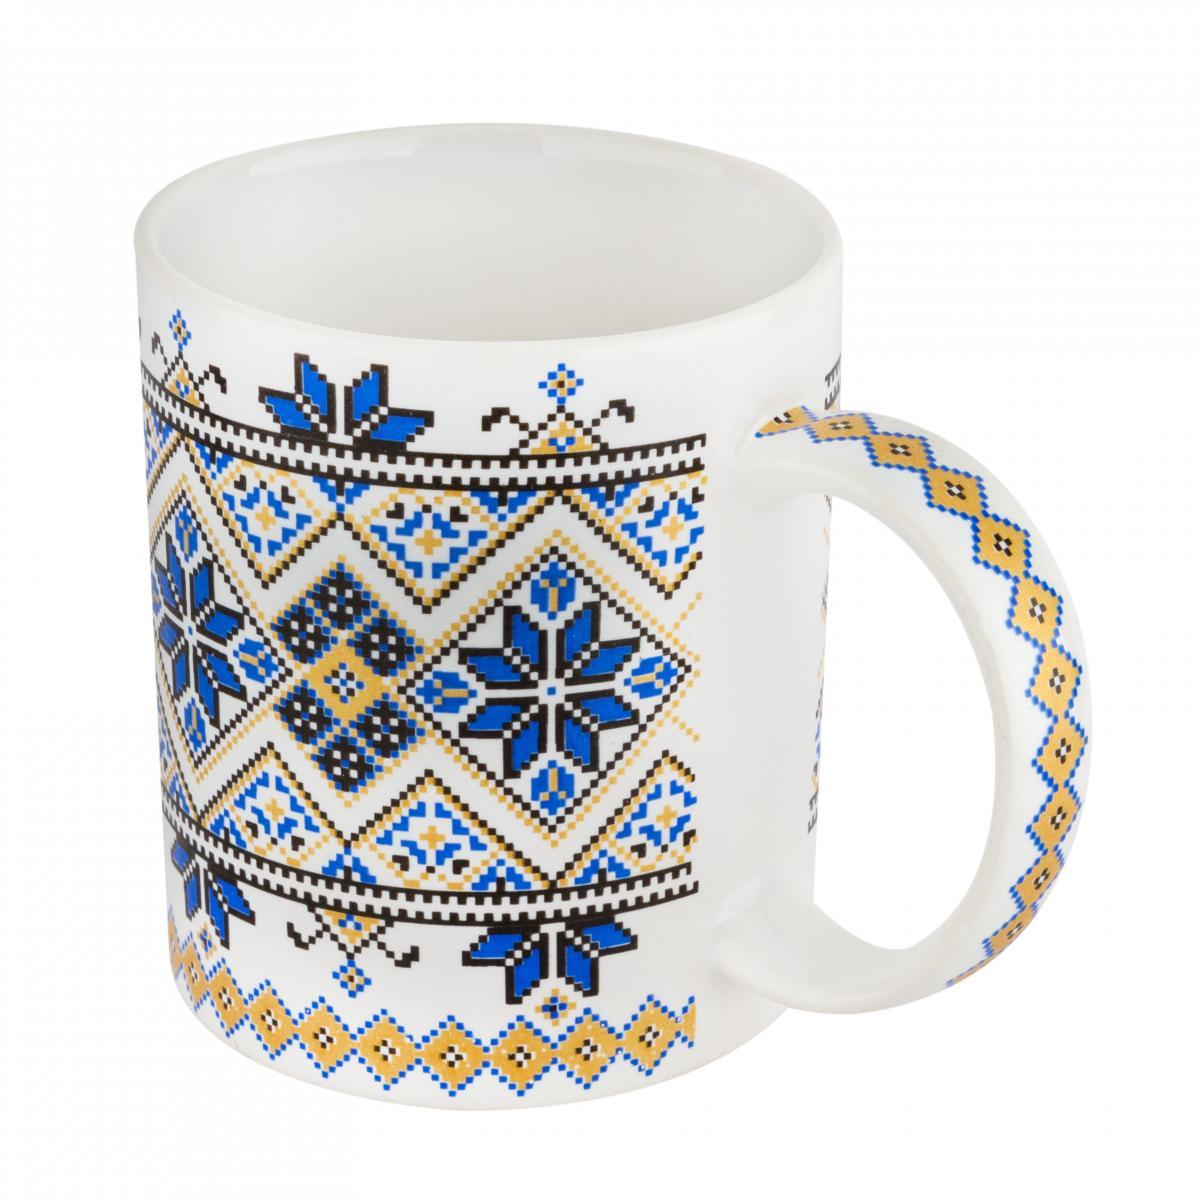 Чашка с украинским желто-синим узором. Фото №2.   Народный дом Украина